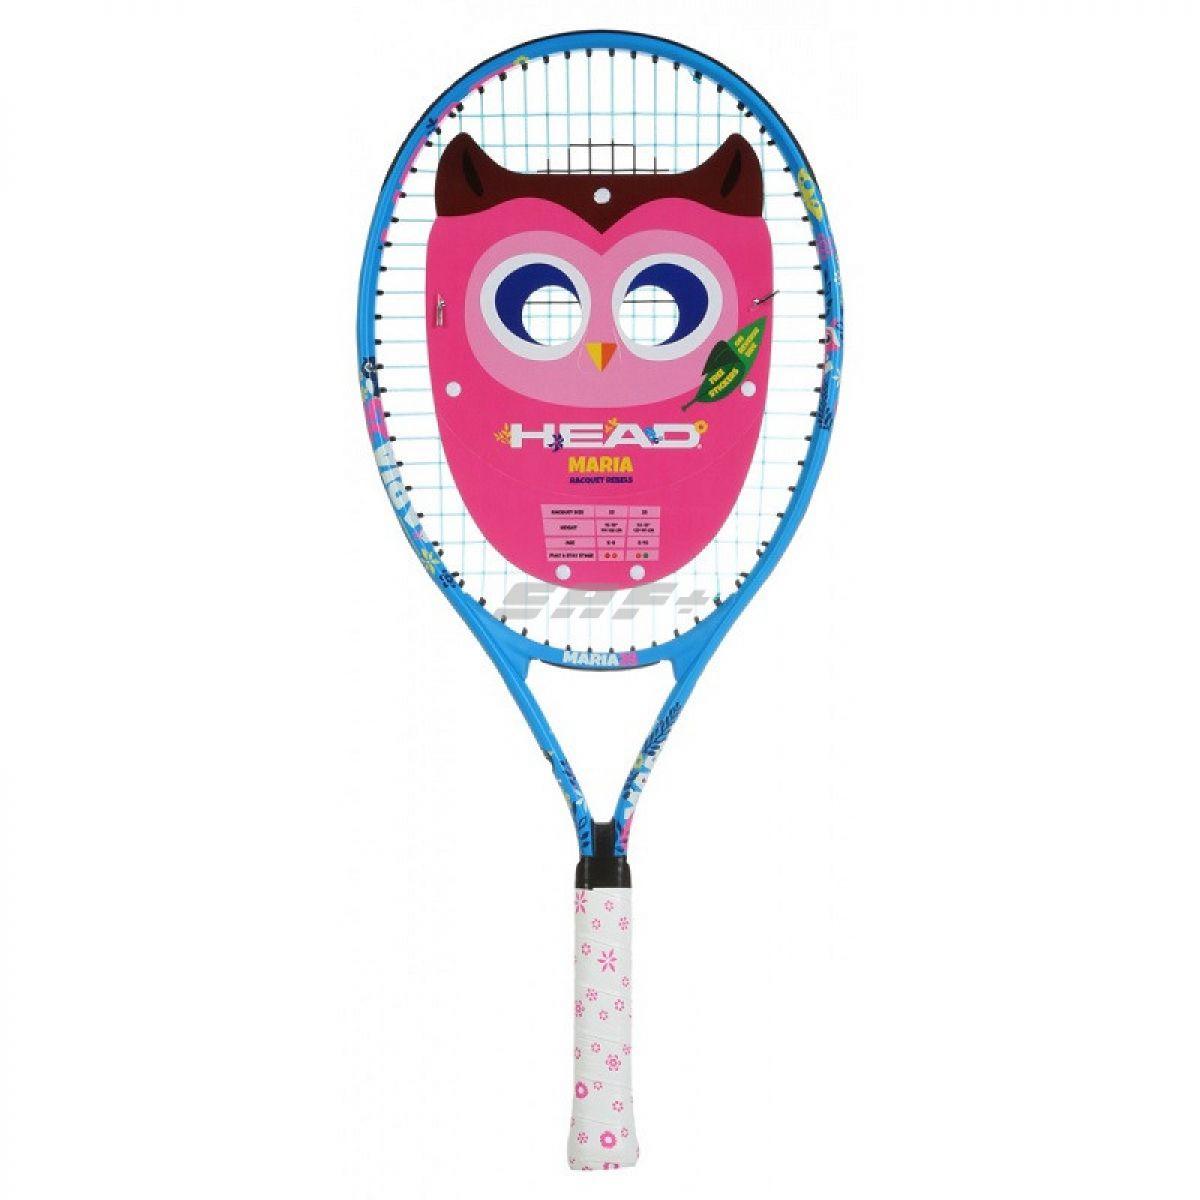 Ракетка теннисная Ракетка б/т дет. HEAD Maria 23 Gr06, арт.233410, для 6-8 лет, алюминий, со струнами, сине-бело-розов